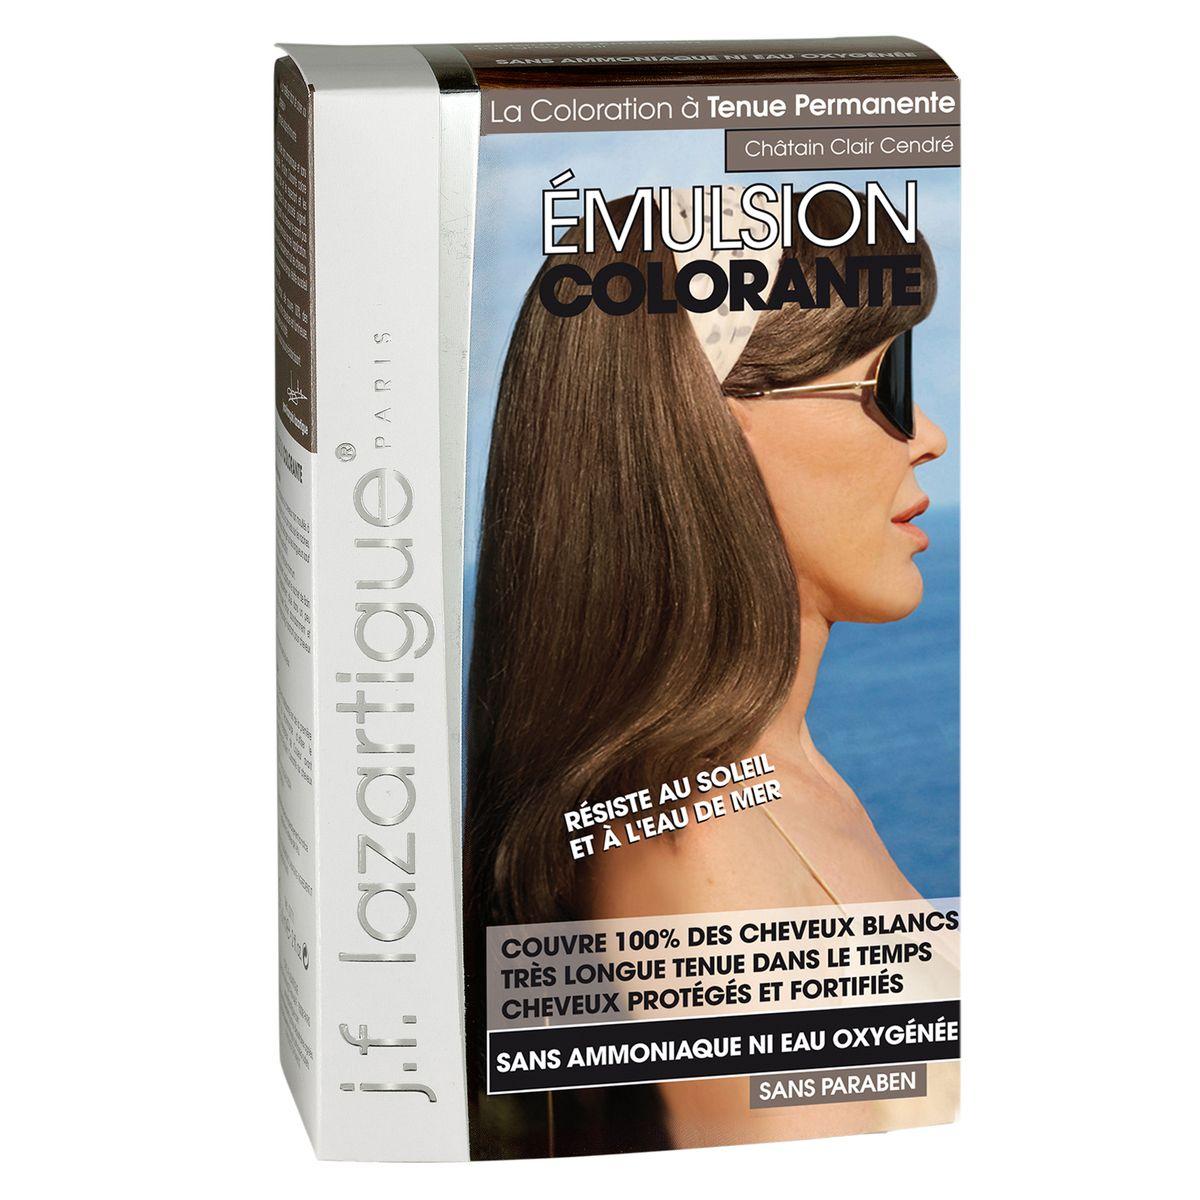 J.F.Lazartigue Оттеночная эмульсия для волос Светло-пепельный каштан 60 мл01729Благодаря оригинальной формуле полностью (на 100%) скрывает седину, длительное время сохраняет цвет, поддерживает здоровье и жизненную силу волос и сохраняет эти качества, несмотря на воздействие солнечных лучей, морской воды и прочих неблагоприятных экологических факторов. Не осветляет, не повреждает, а укрепляет волосы. Не содержит аммиака, перекиси водорода и парабенов. Не предназначена для окрашивания бровей и ресниц.